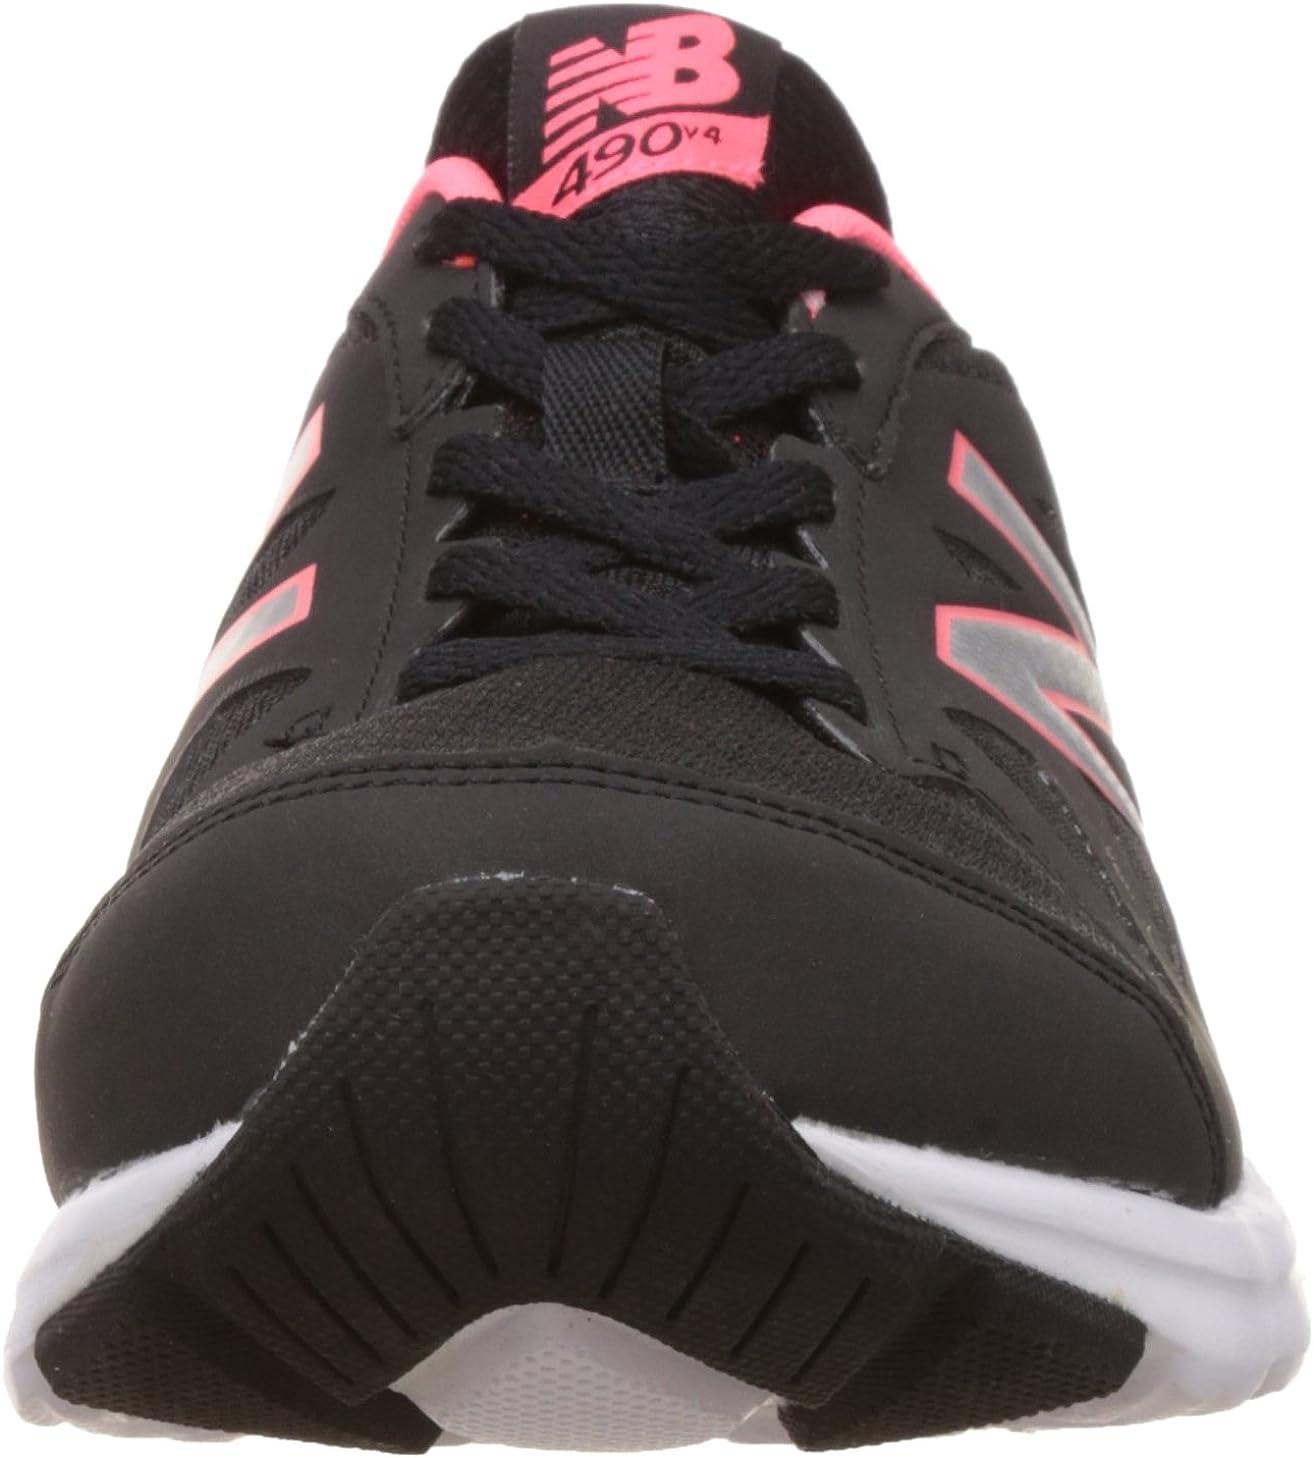 barro Molesto dramático  Amazon.com | New Balance Women's 490v4 Running Shoe | Road Running